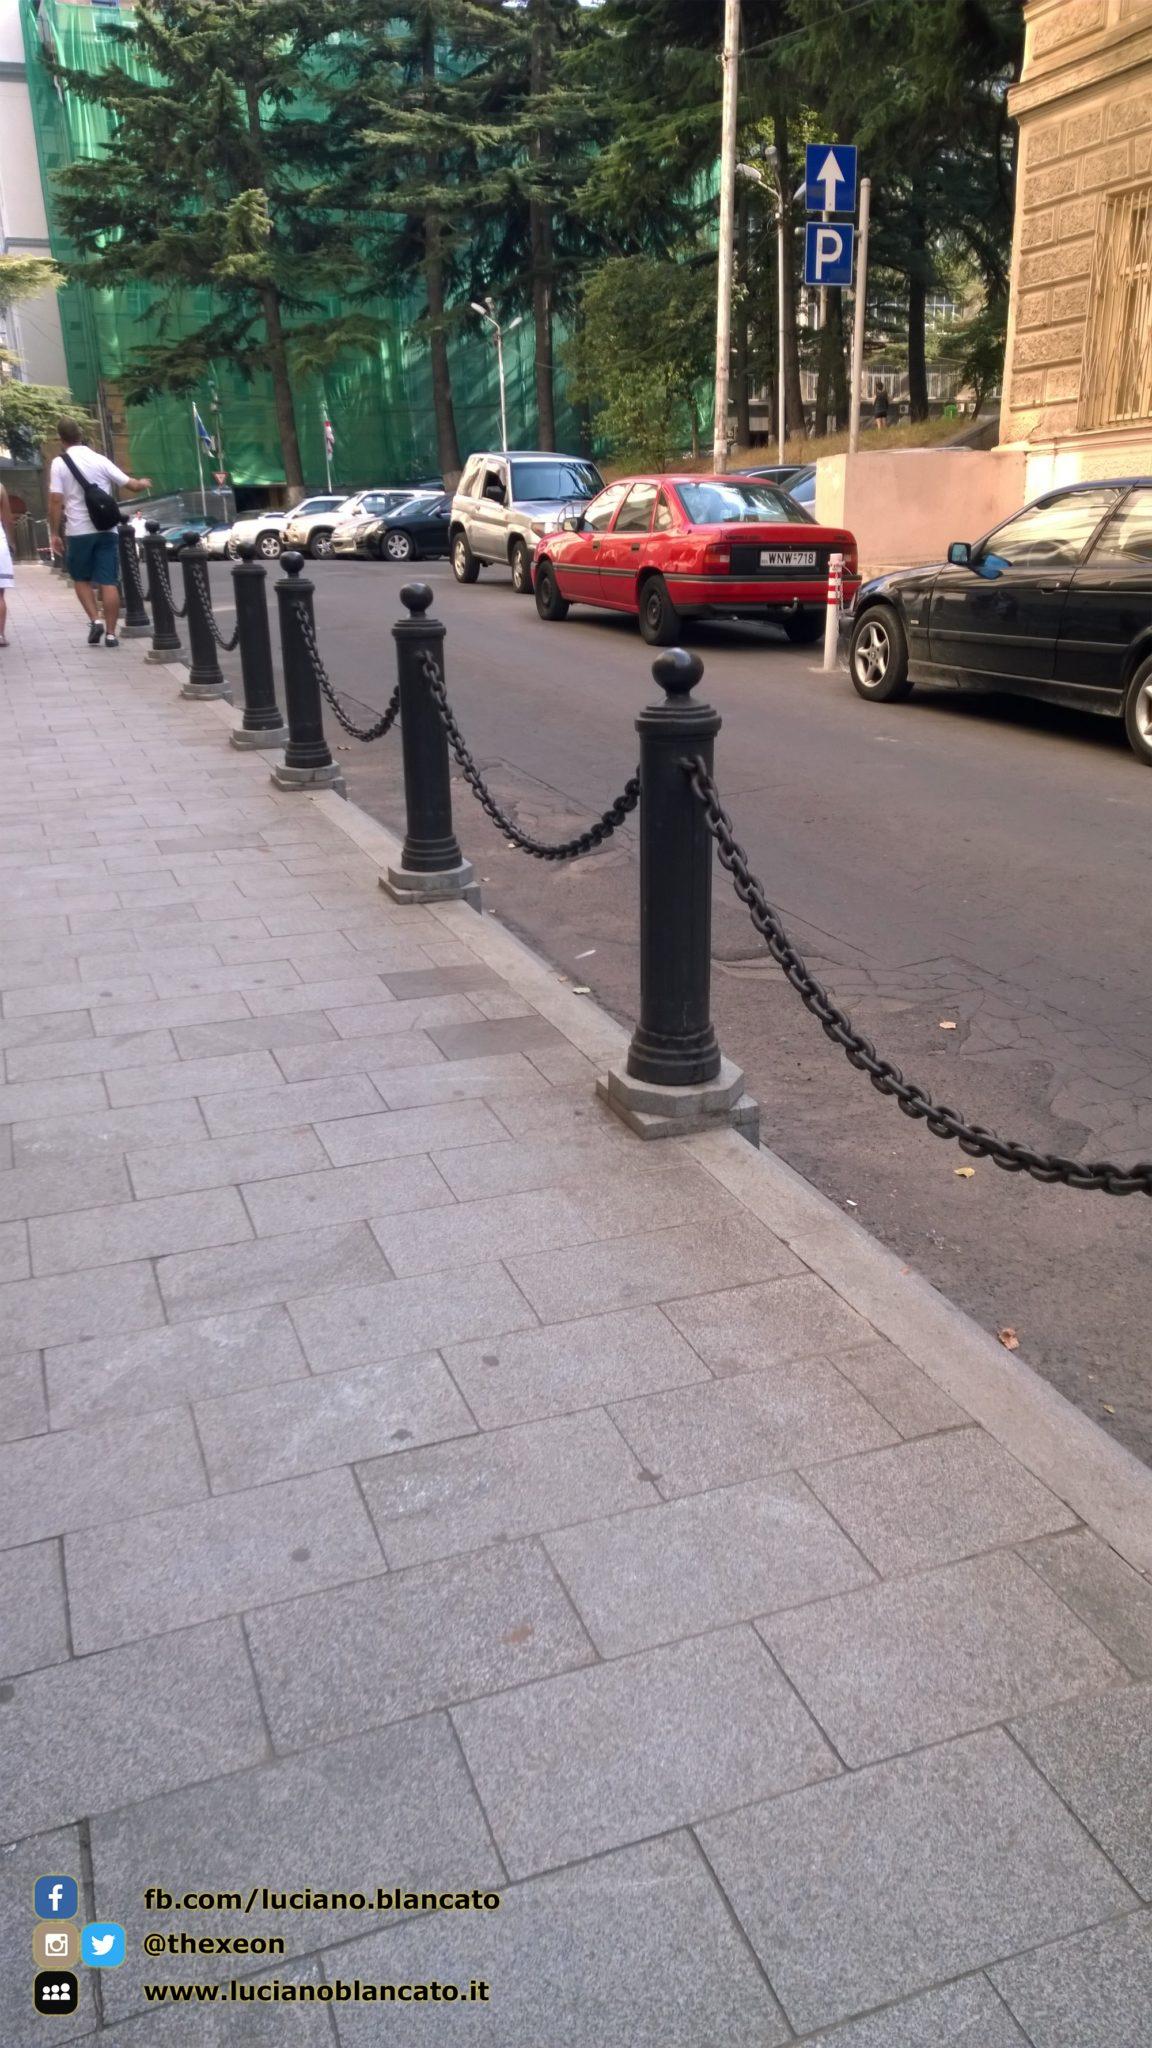 Tbilisi - 2014 - foto n 0022